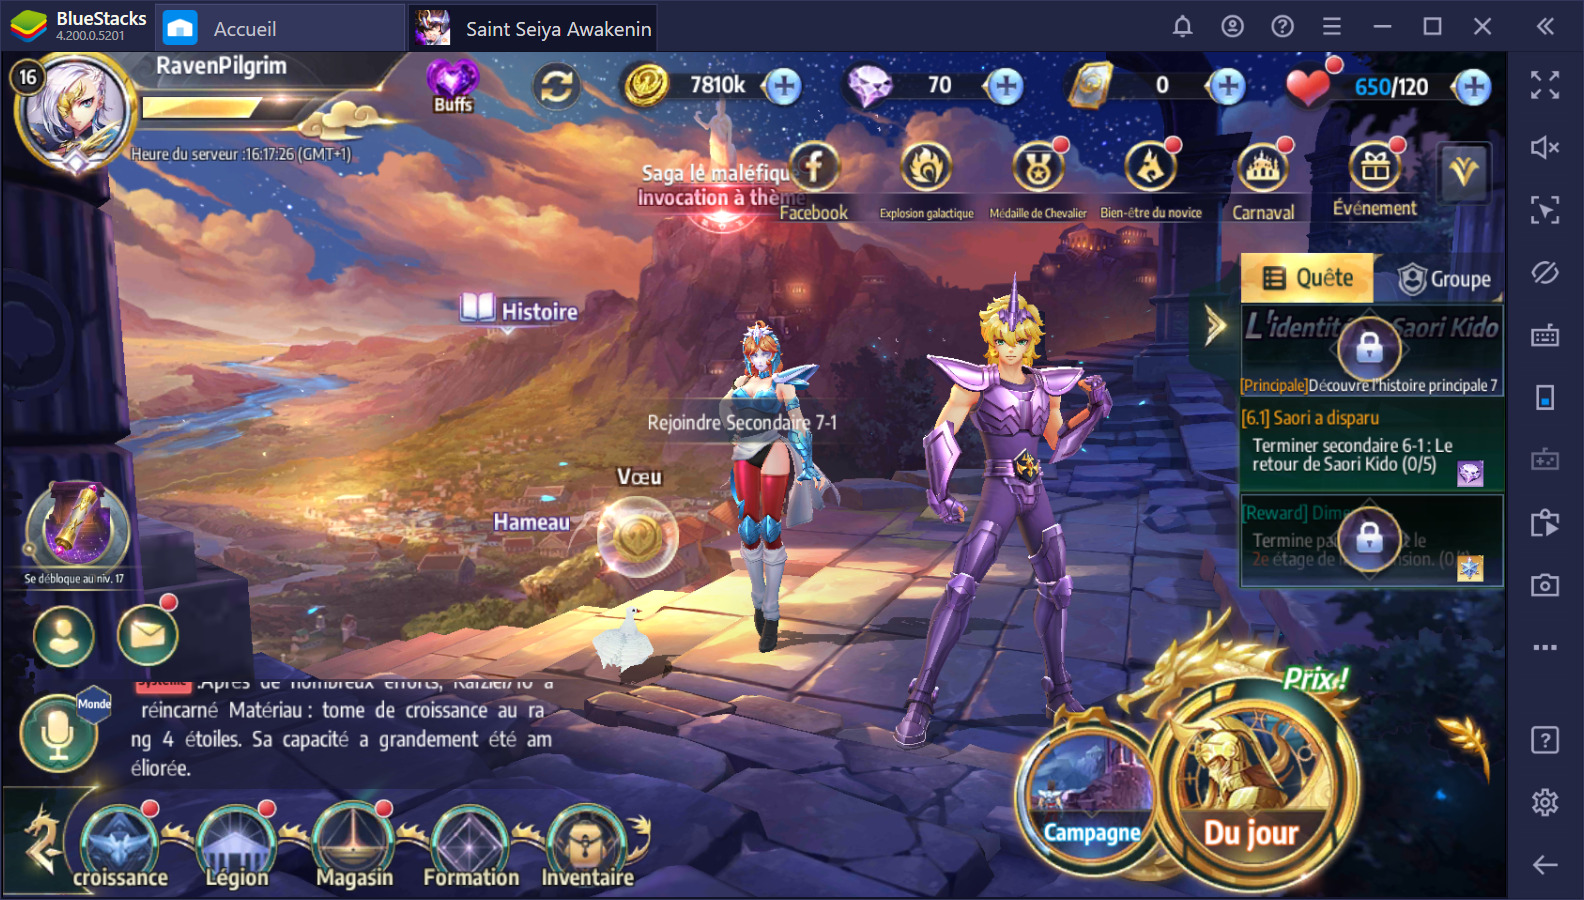 Saint Seiya Awakening sur PC : une compilation des guides, des astuces et des listes des meilleurs personnages du jeu